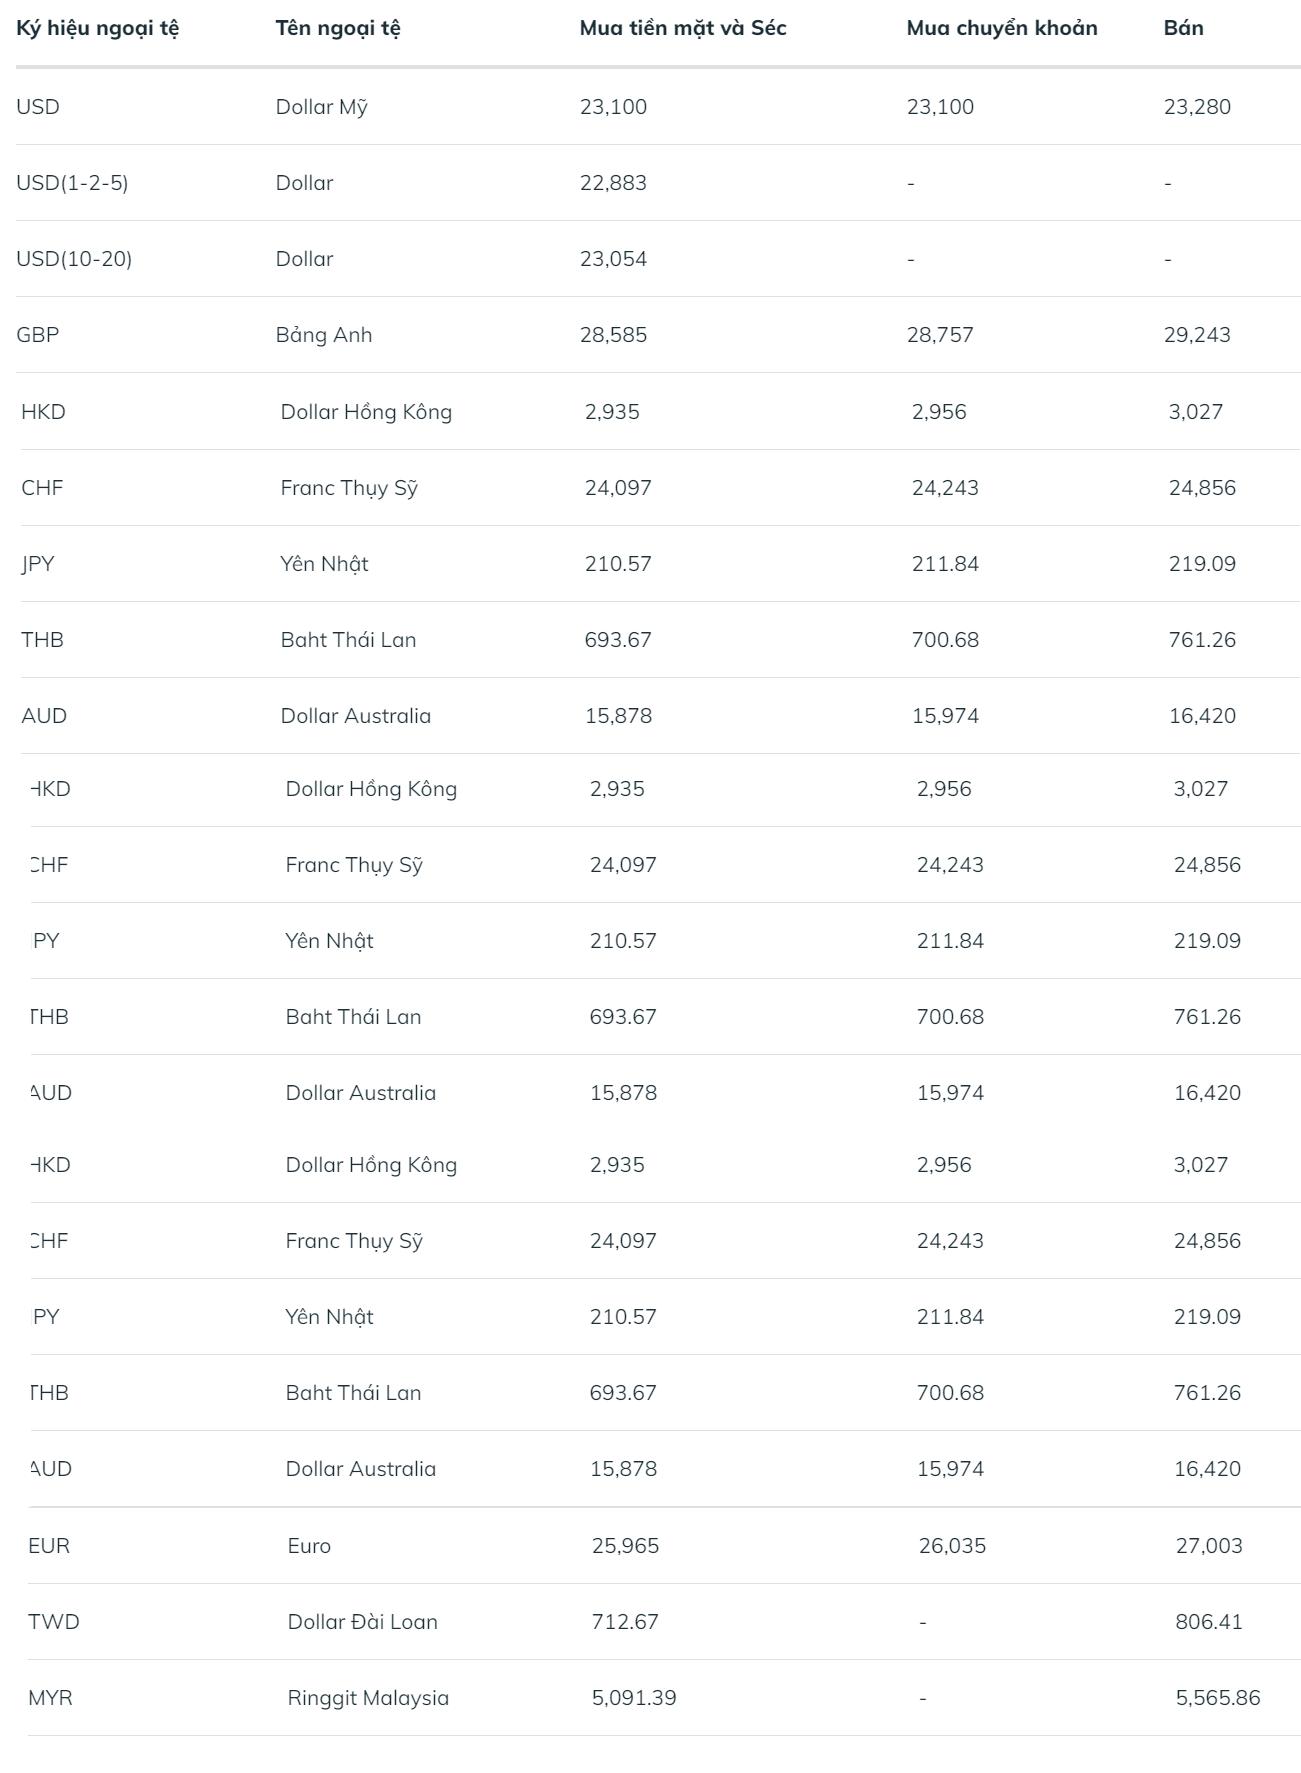 Tỷ giá ngoại tệ BIDV